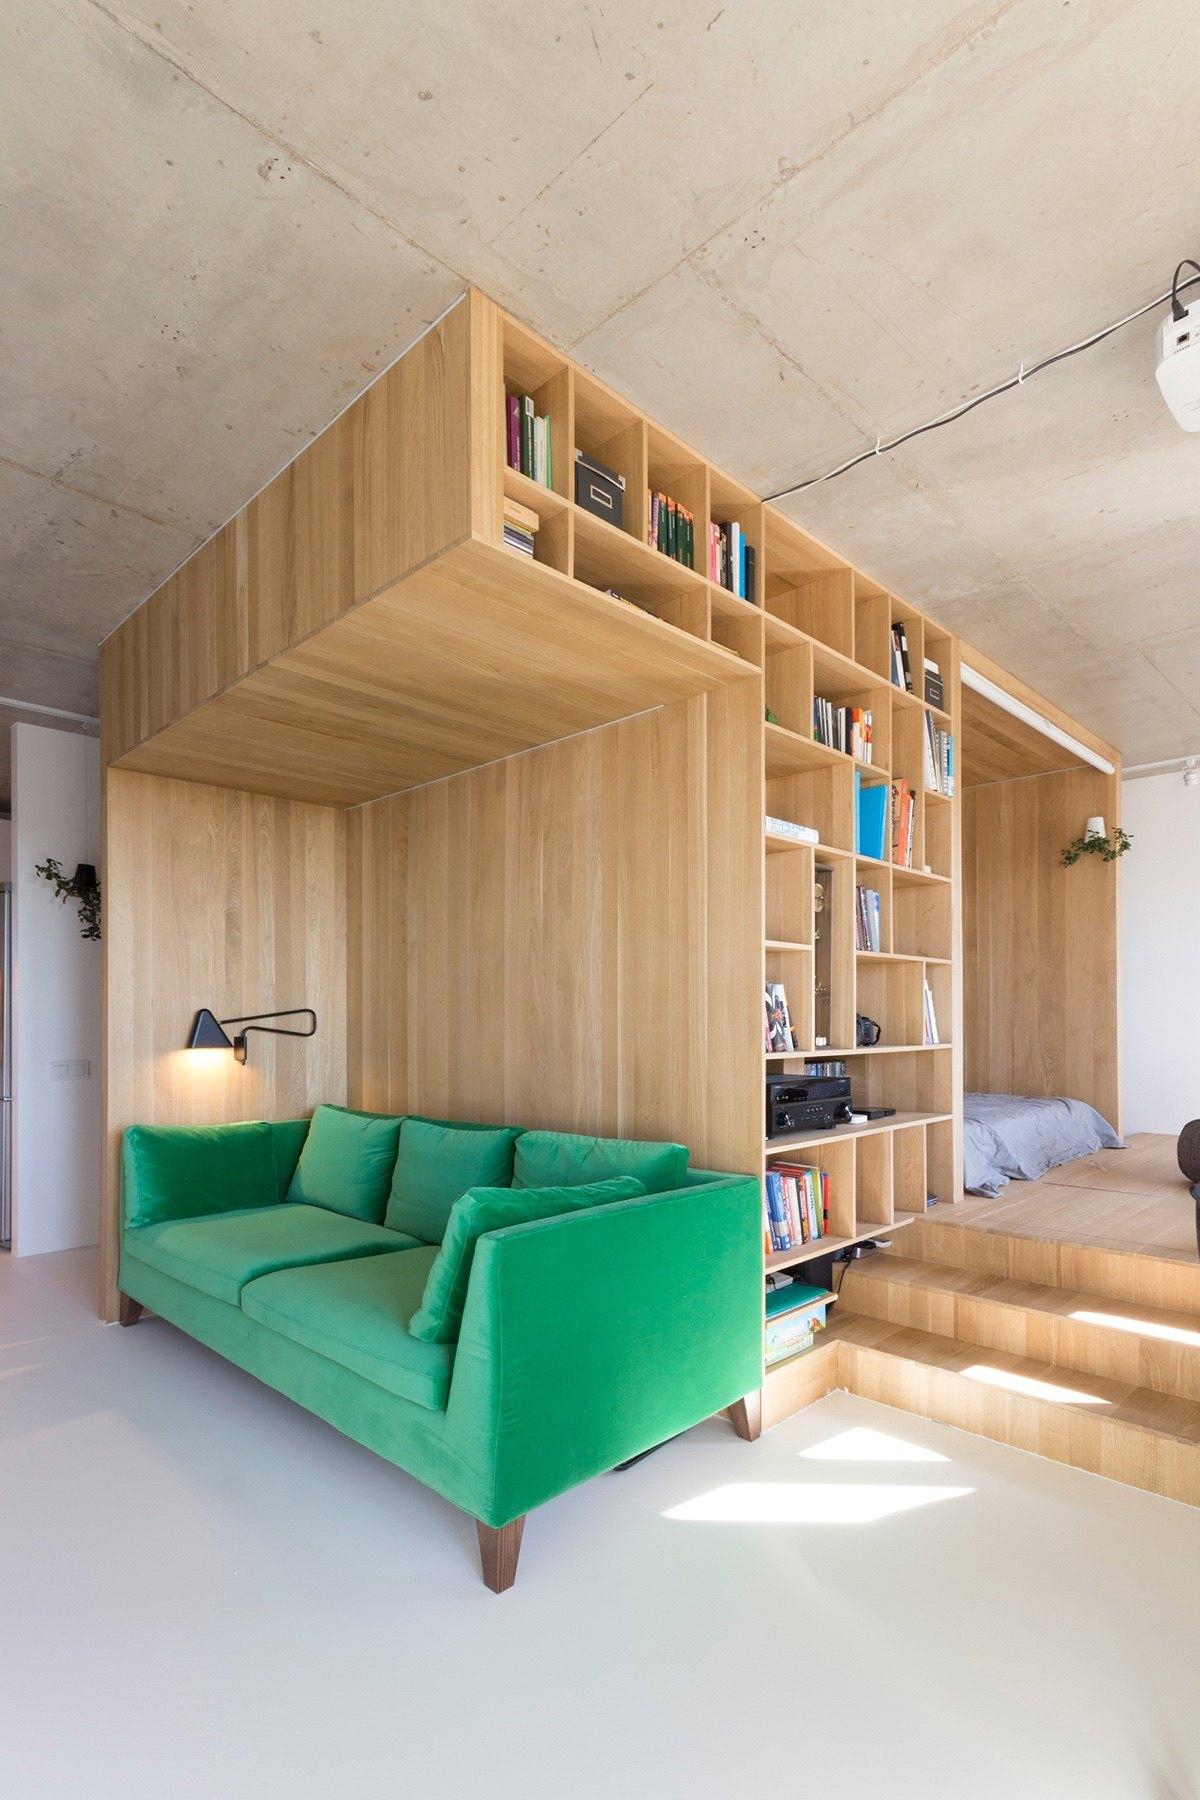 Super Small Studio Apartment Under 50 Square Meters Includes Floor Plan